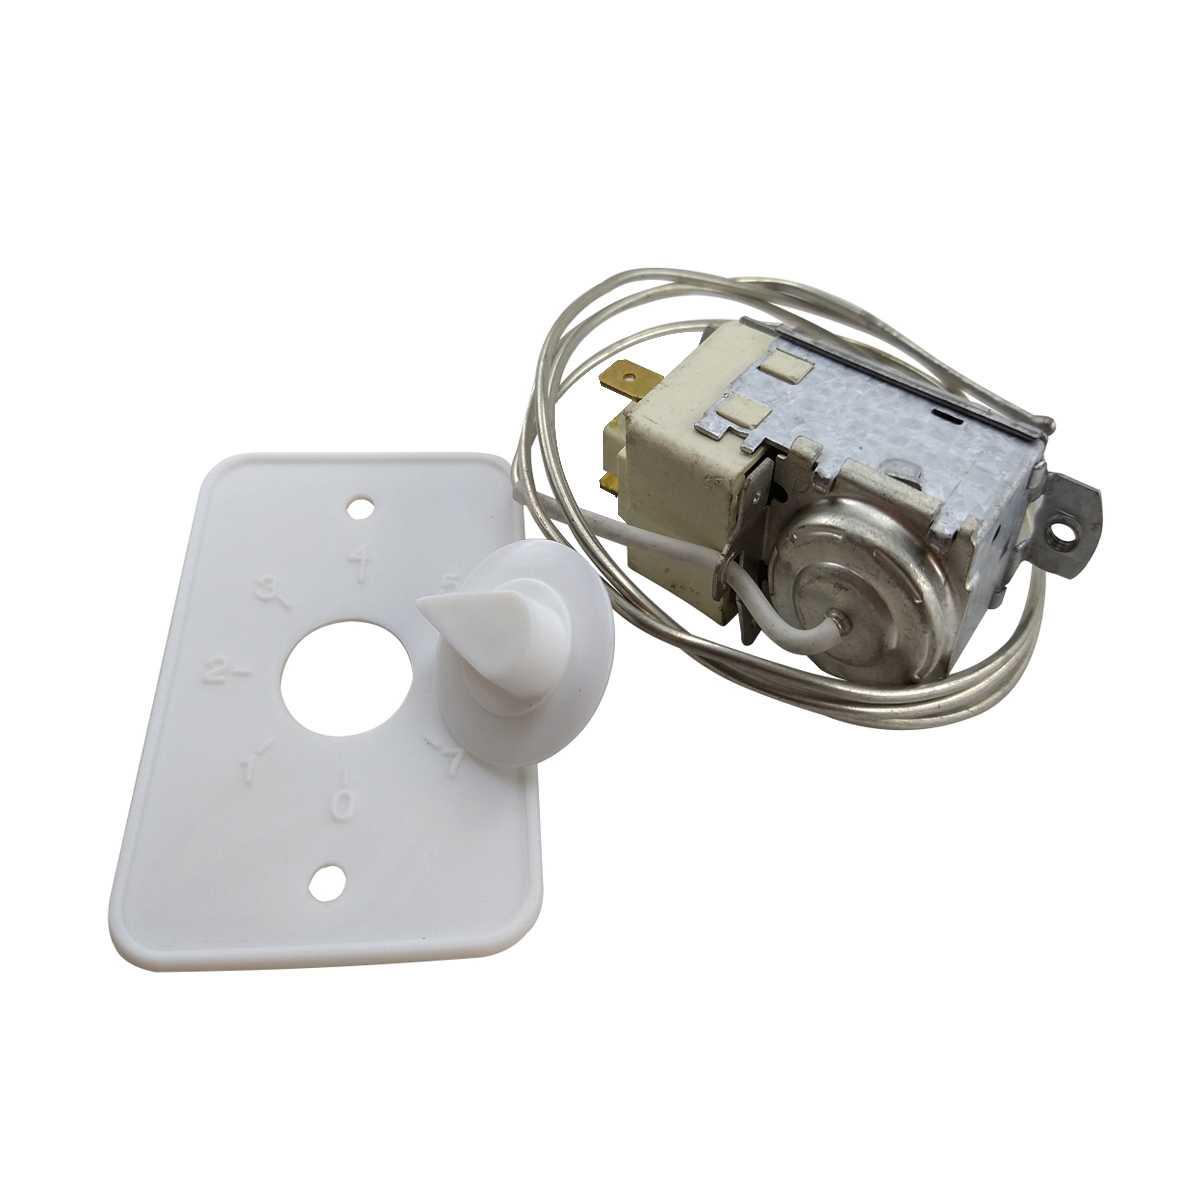 Termostato para freezer Congelar RC53600